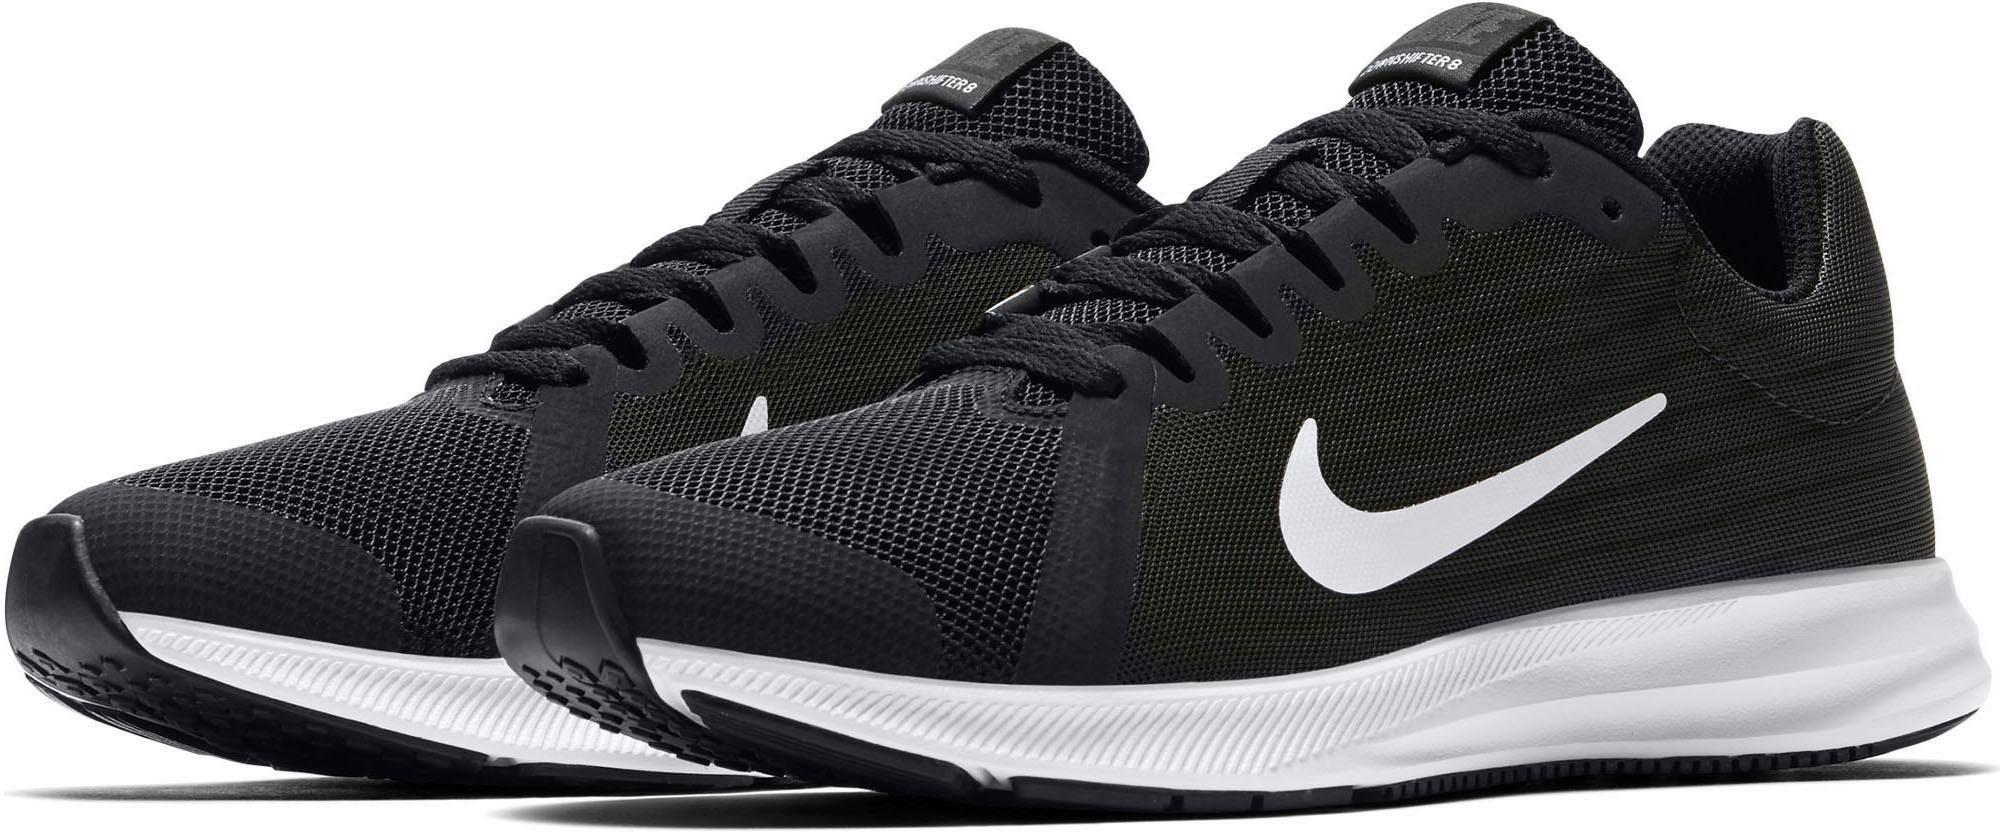 Nike »Downshifter 8 (gs) U« Laufschuh, Leichter Laufschuh von Nike online kaufen   OTTO